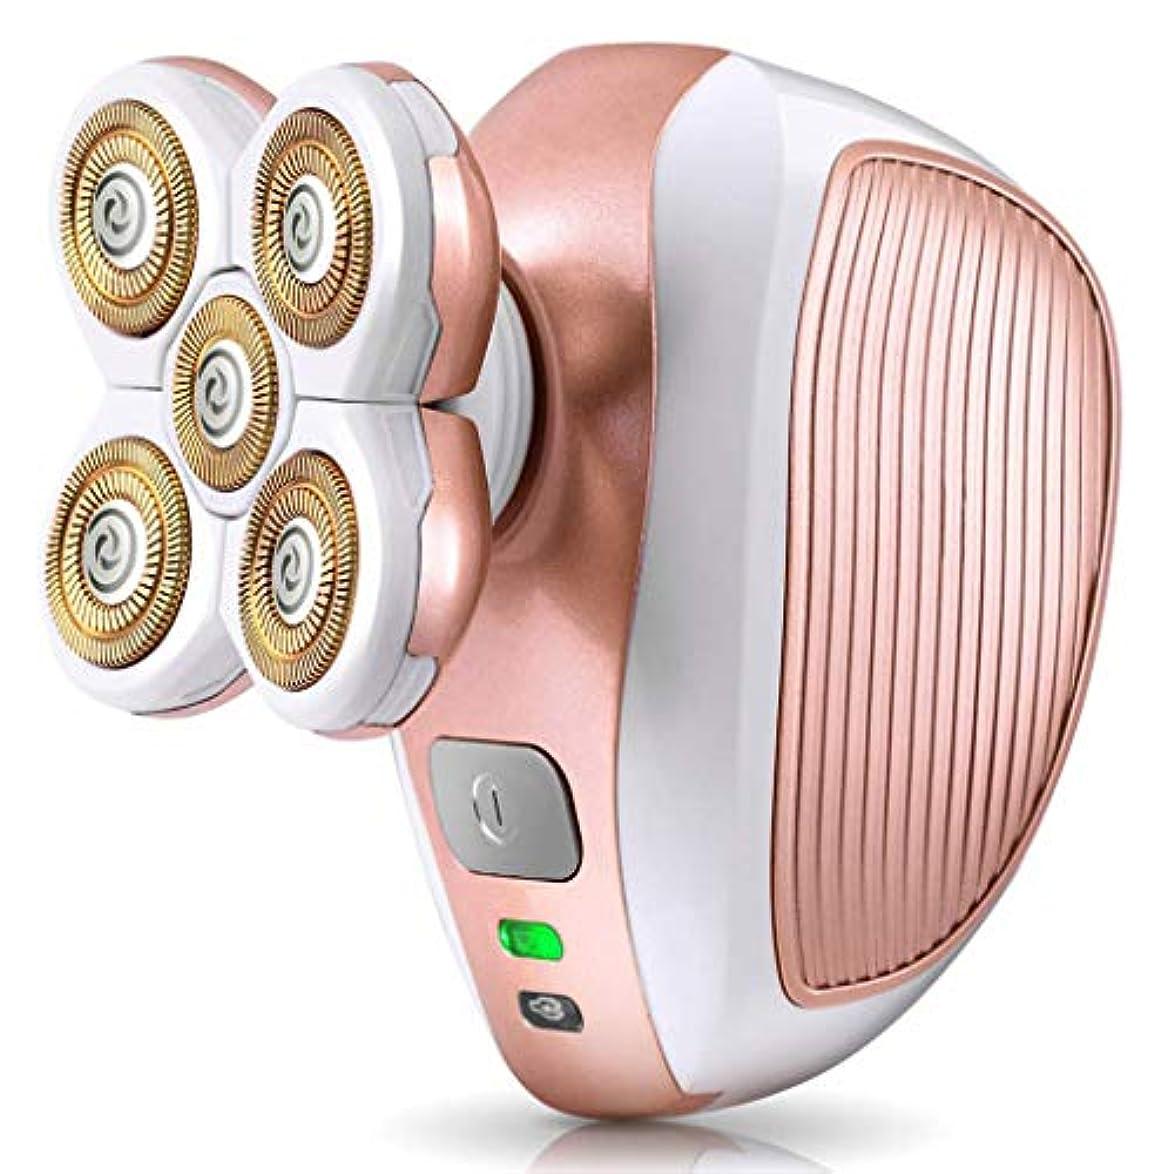 ショップ増加するメンテナンス女性と男性のための痛みのないボディヘアリムーバー - USB充電式防水インスタントヘアリムーバー - 脚の顔の唇ボディ脇の下脇…